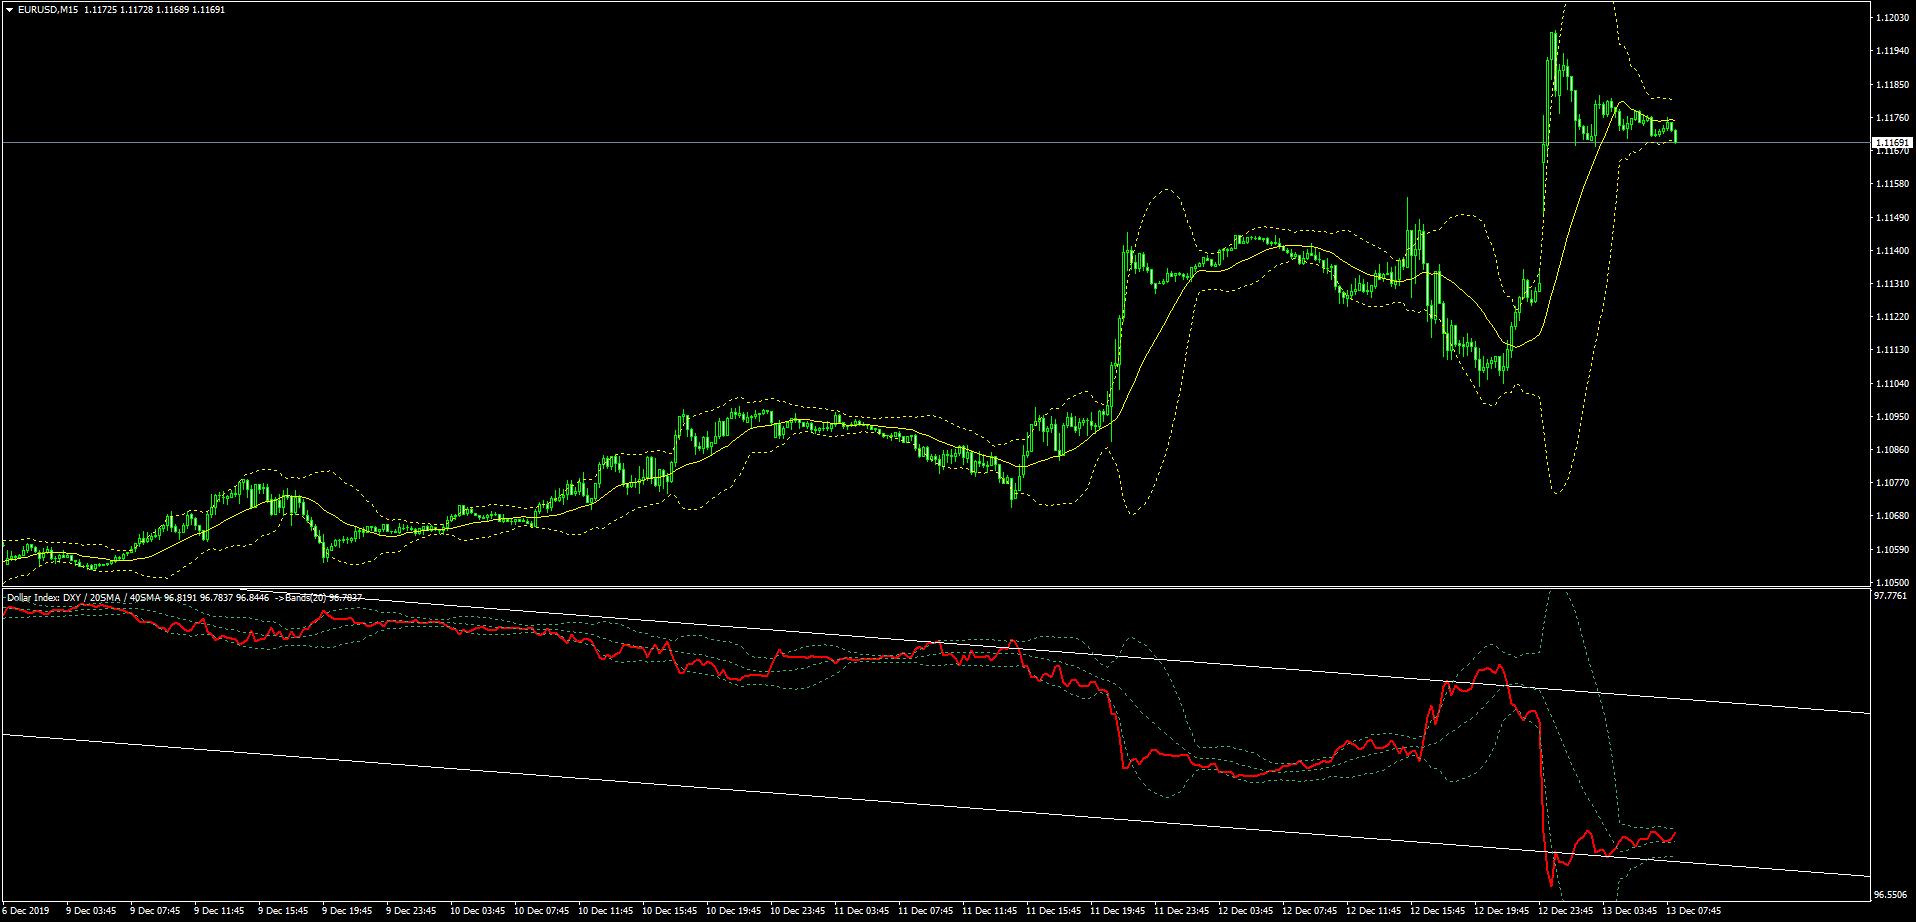 ドルインデックスを表示したユーロドルのチャート